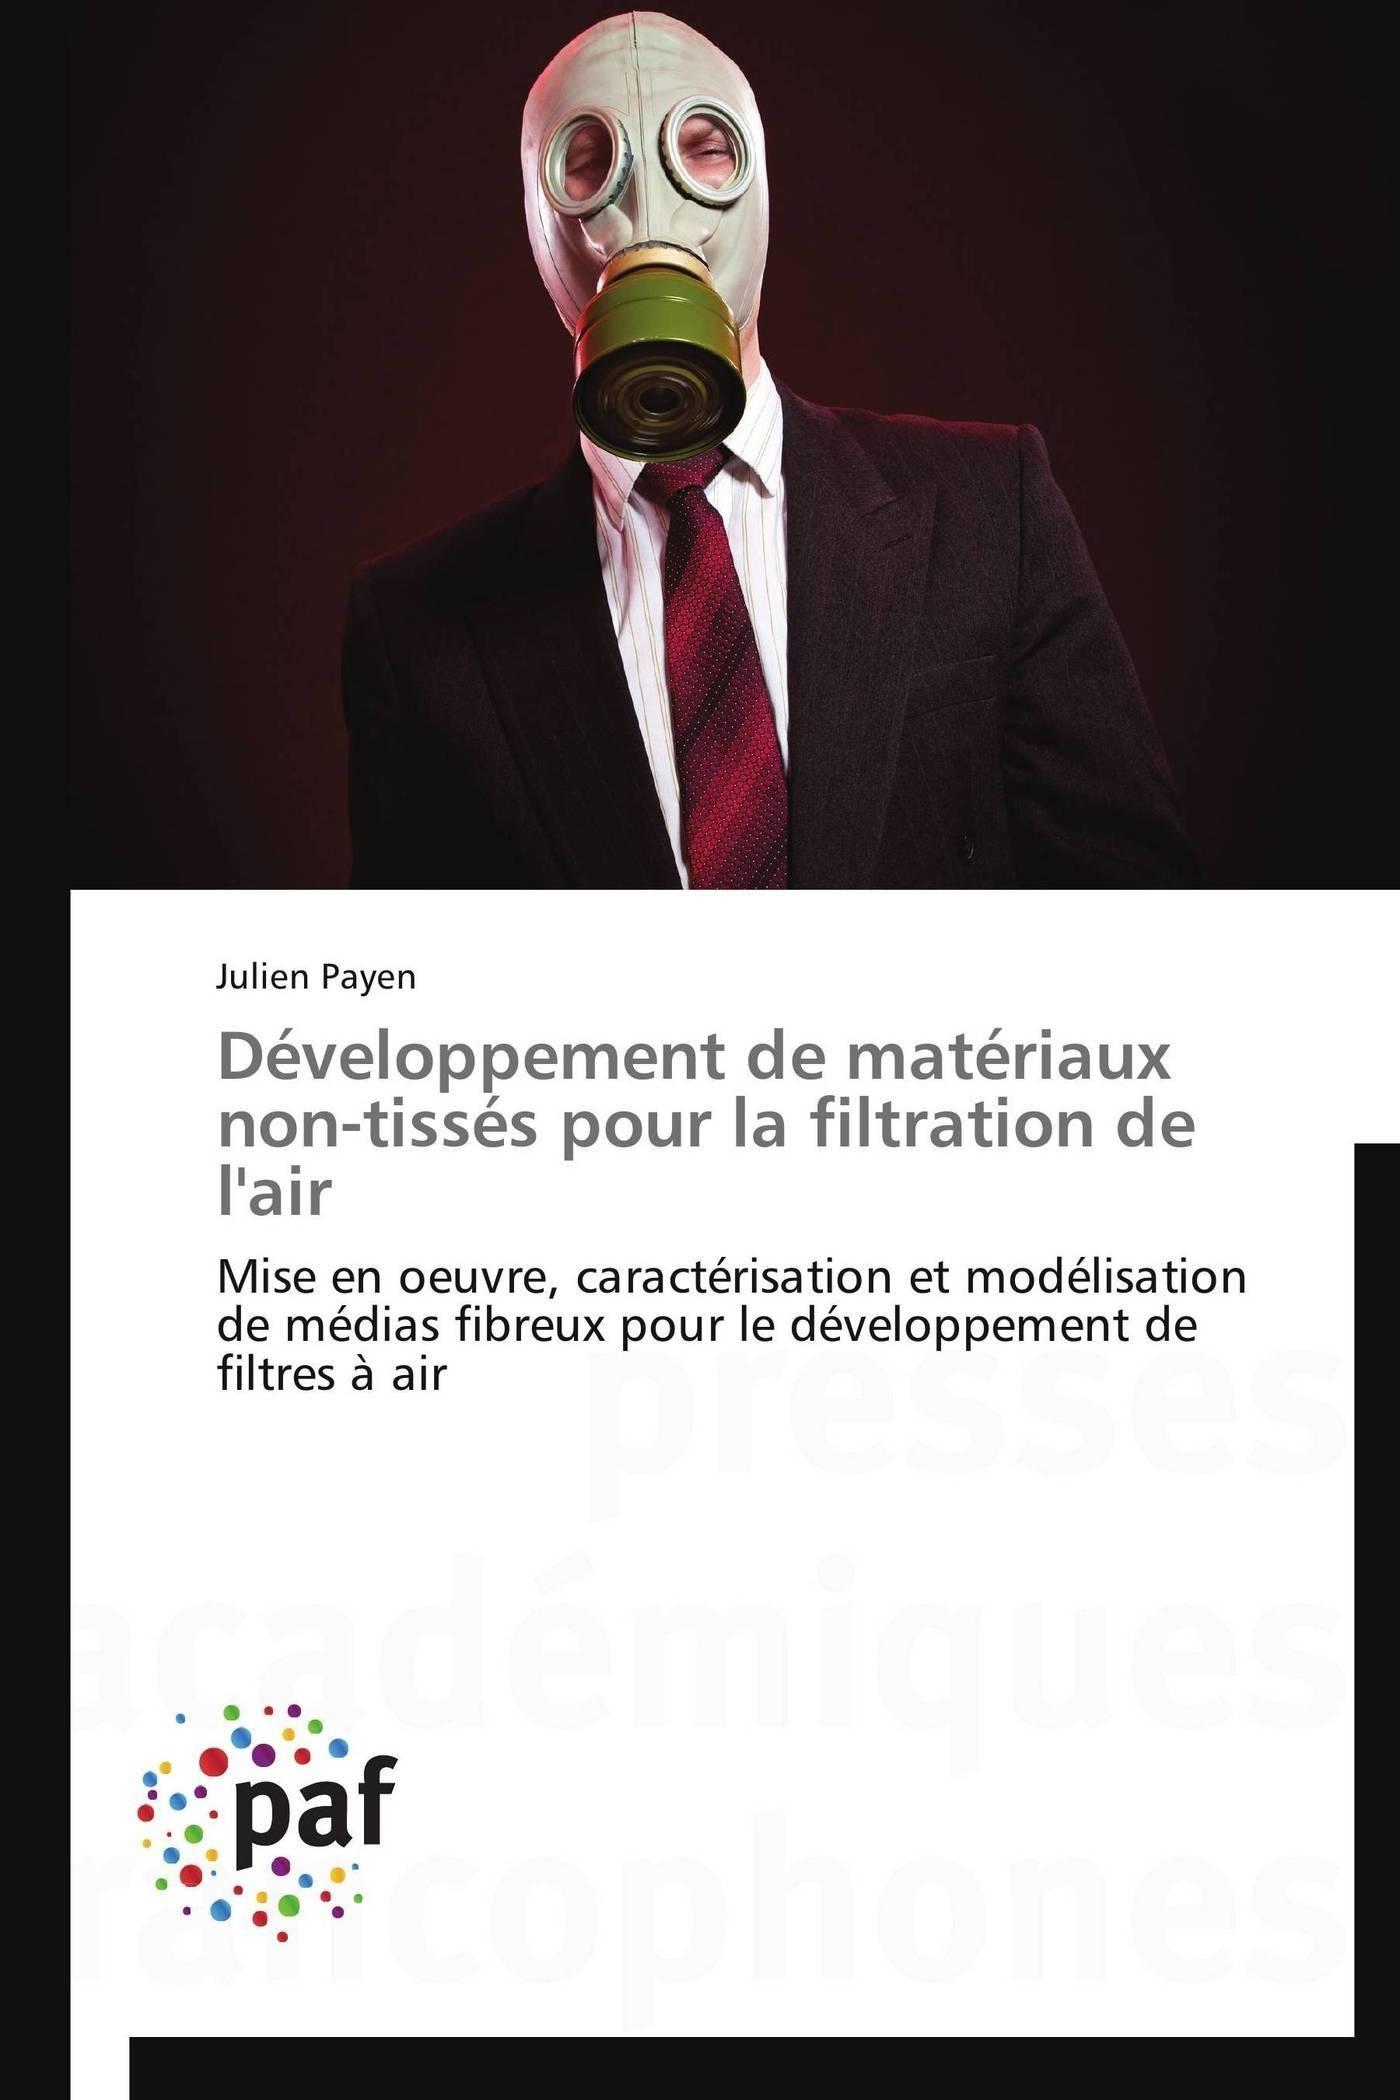 DEVELOPPEMENT DE MATERIAUX NON-TISSES POUR LA FILTRATION DE L'AIR